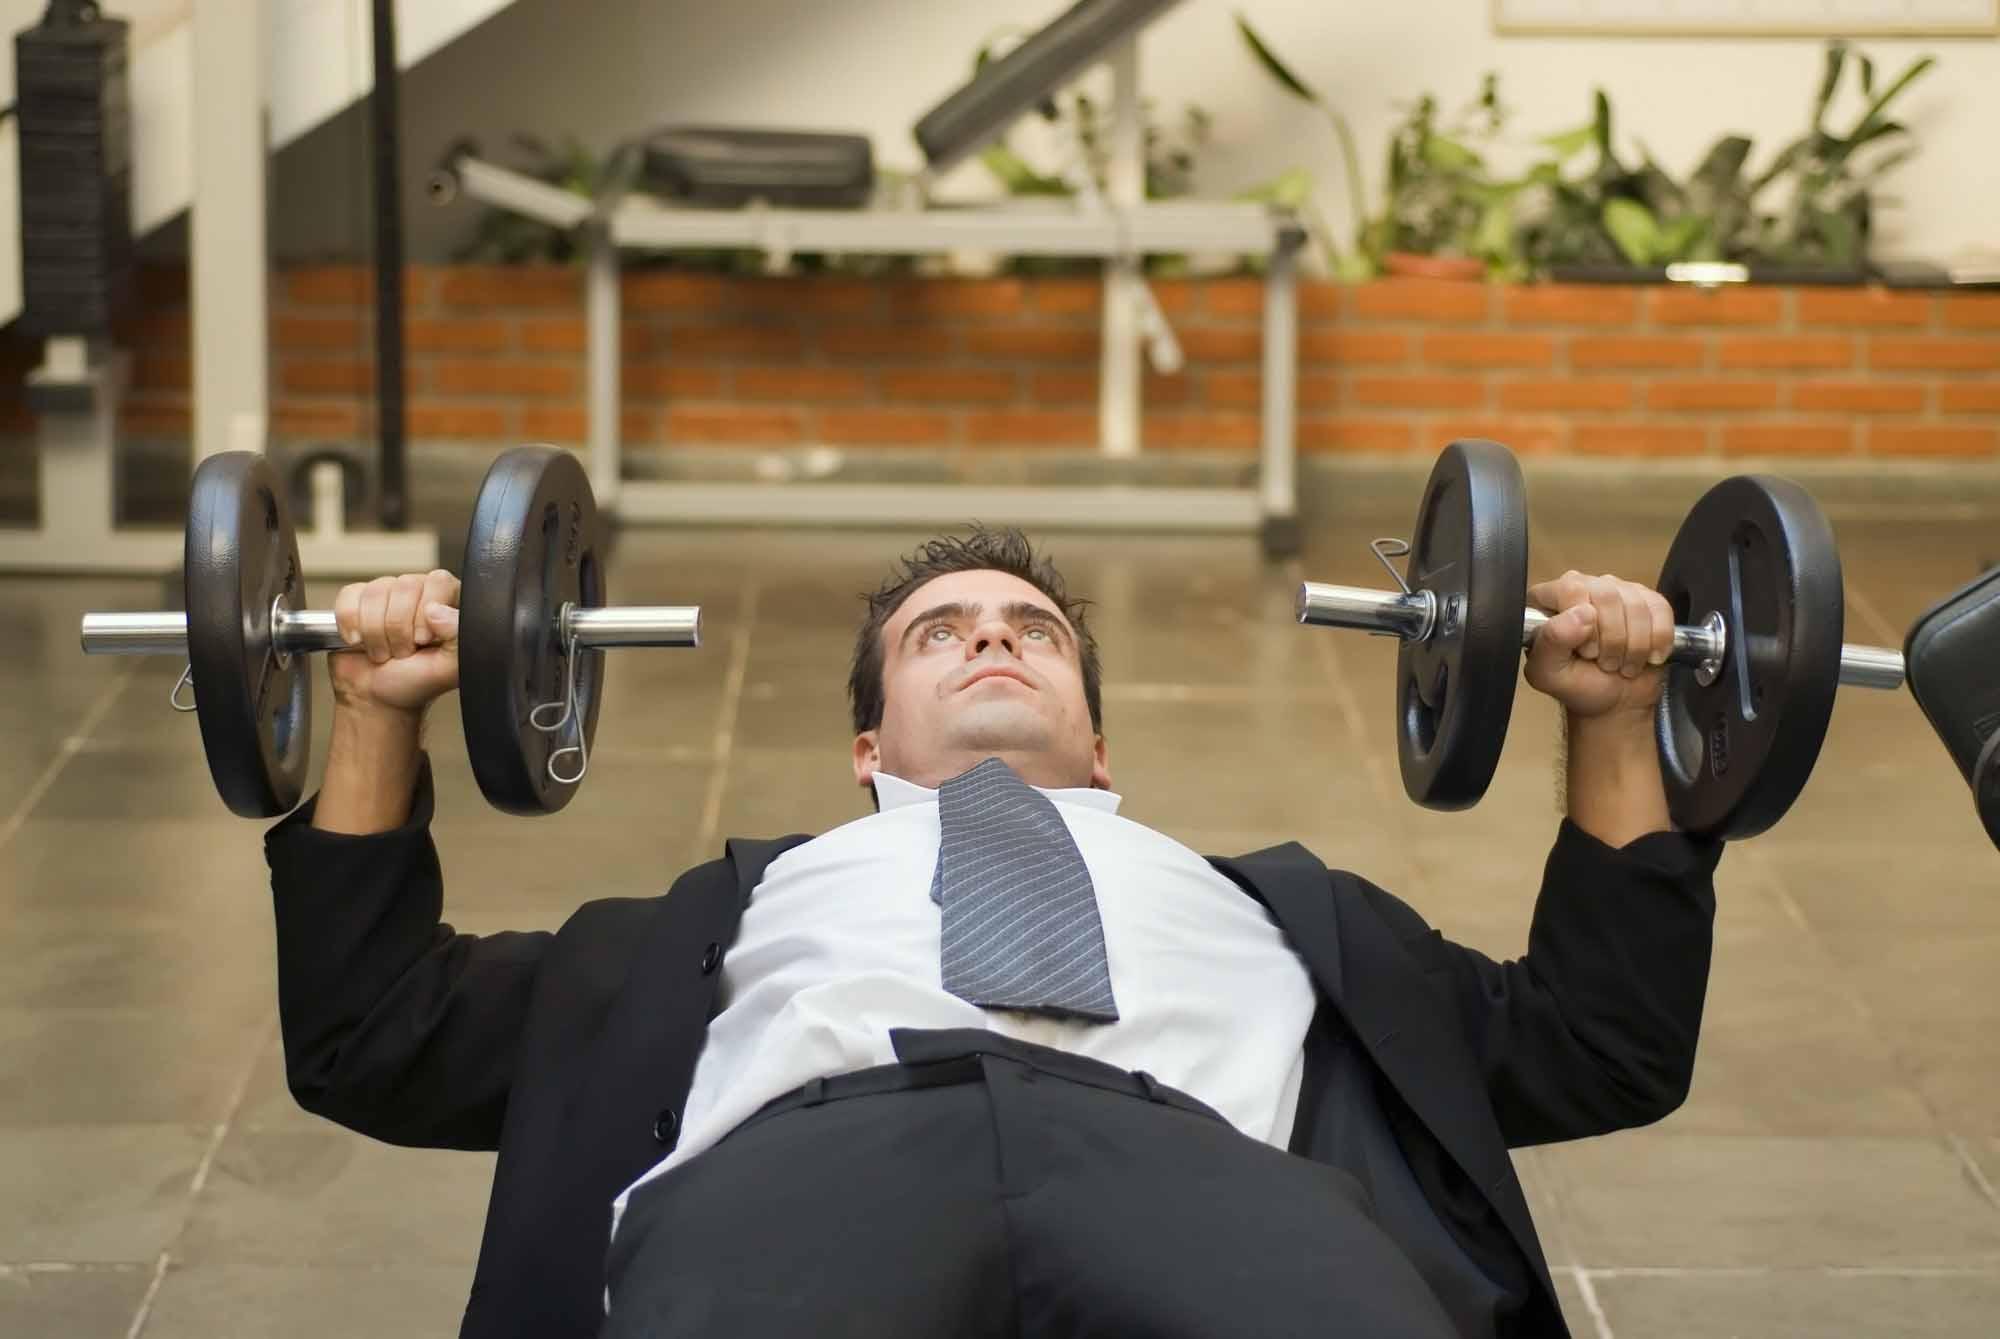 Приседать проблема. Интенсивные тренировки приводят к почечной недостаточности